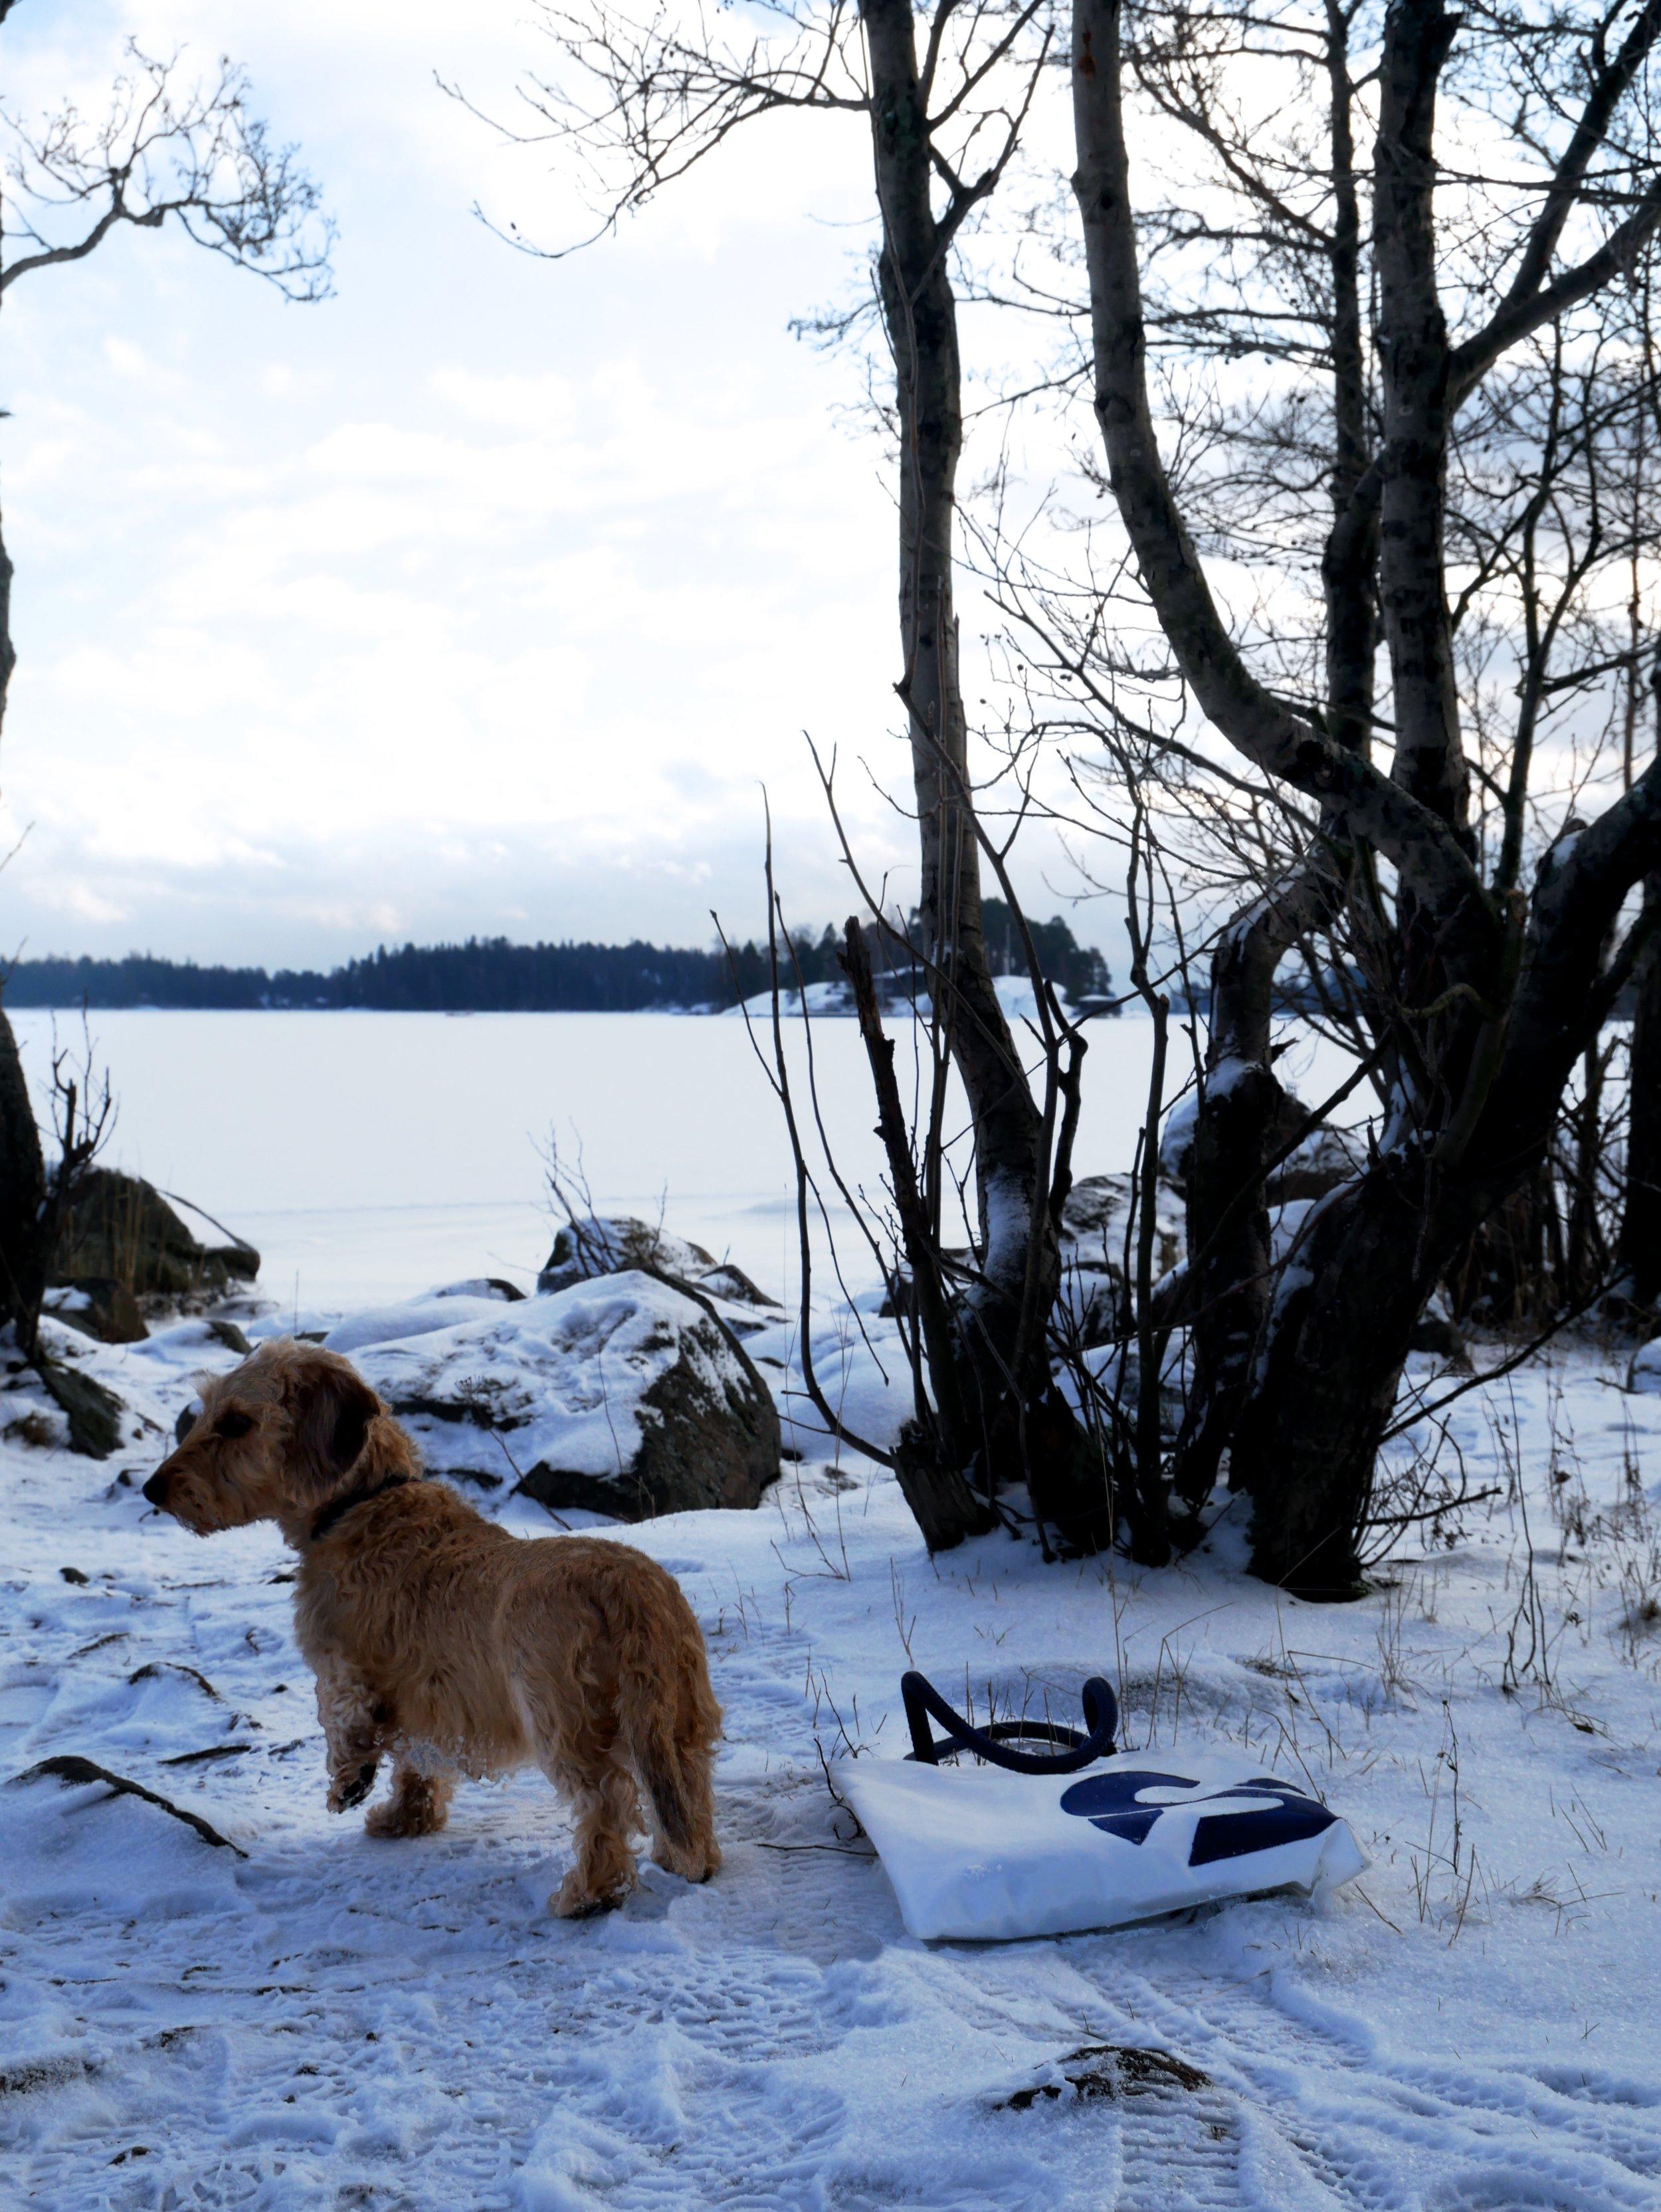 Kamera, koira ja Sköne - Suomen talvi ei näytä sinistä taivasta monena päivänä, joten jokaisesta aurinkoisesta hetkestä on otettava kaikki irti, ei kun koira mukaan ja rantaan!- Edvin,31.1.2018